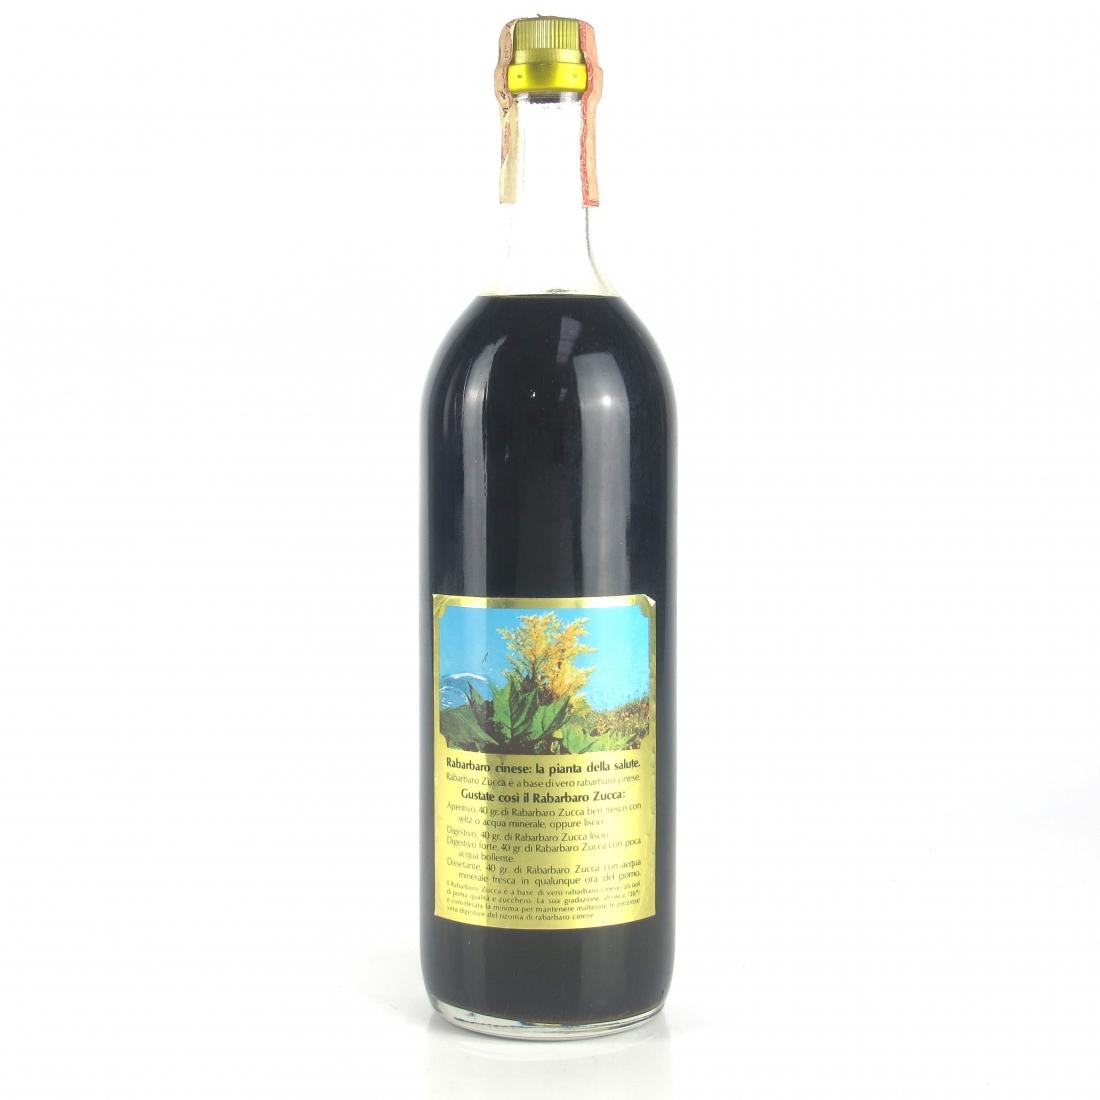 Zucca Elixir Rabarbaro 1 Litre 1970s